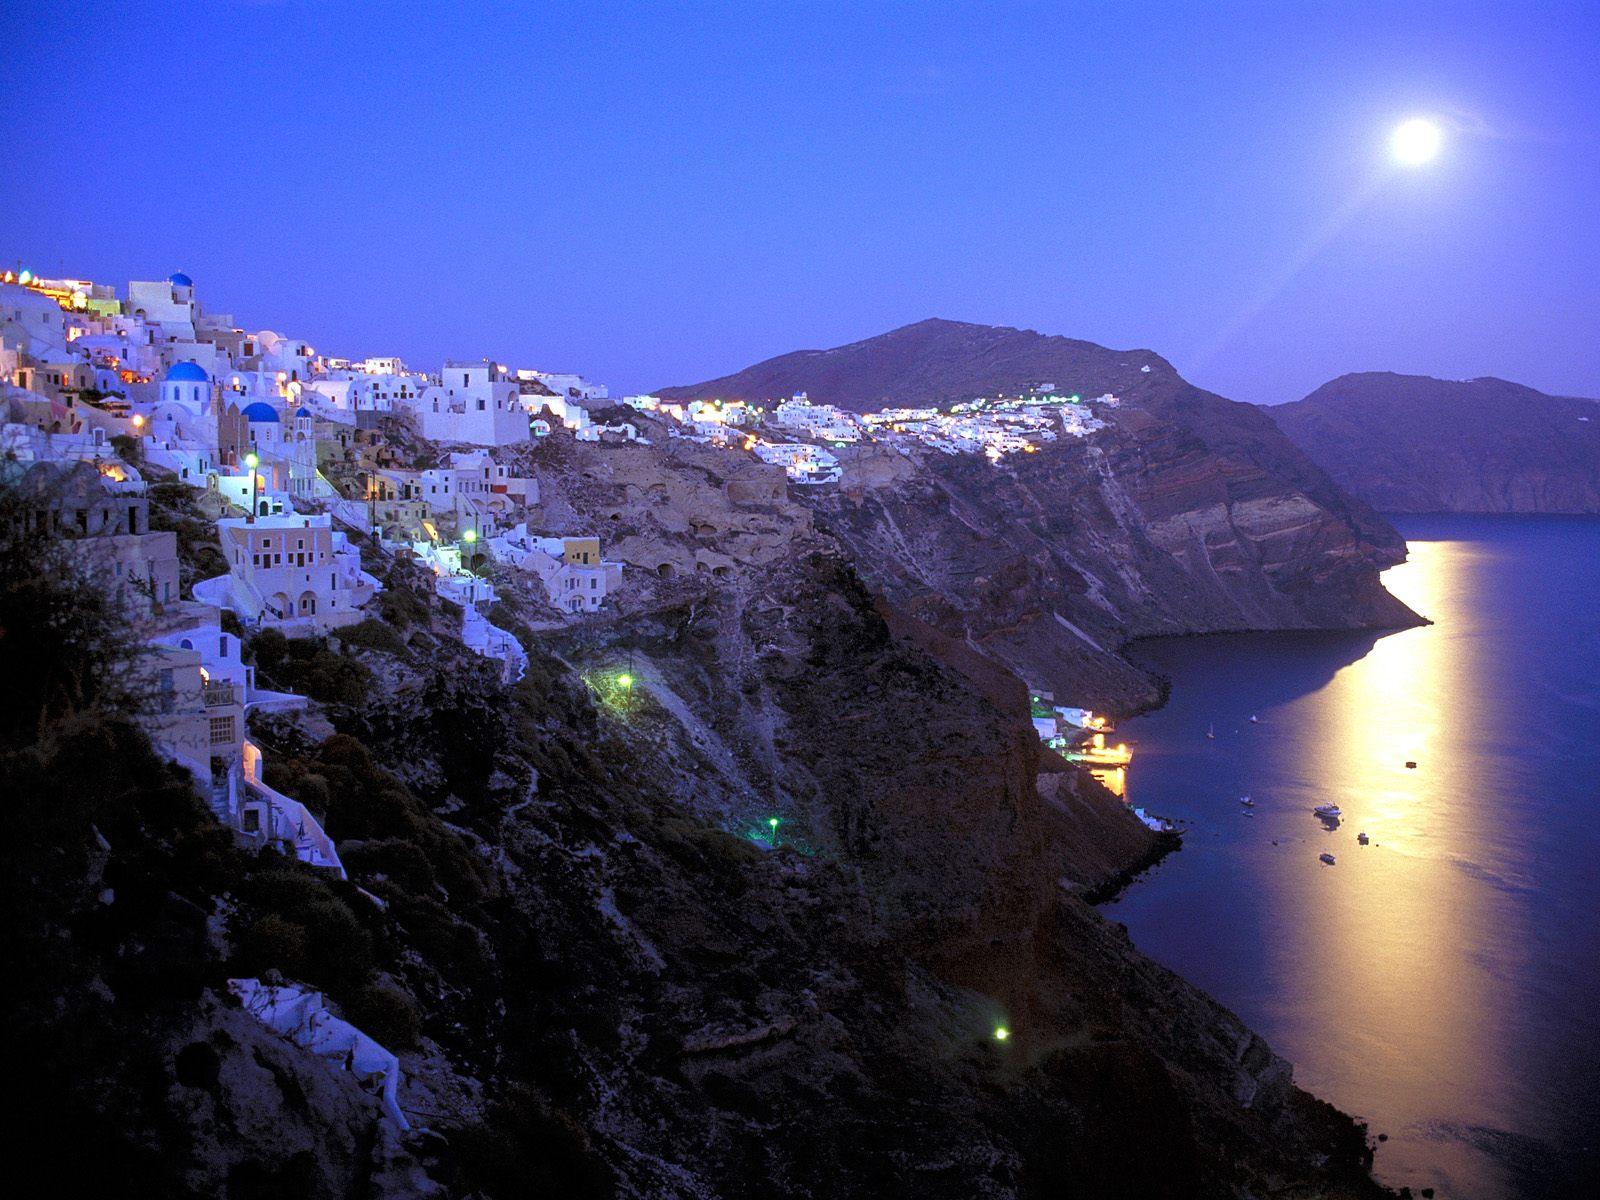 http://4.bp.blogspot.com/-NUgNIzE0pnE/T-3OeKL4-II/AAAAAAAADpY/bKeMlVpDuS0/s1600/Moonrise_Over_Santorini_Greece.jpg